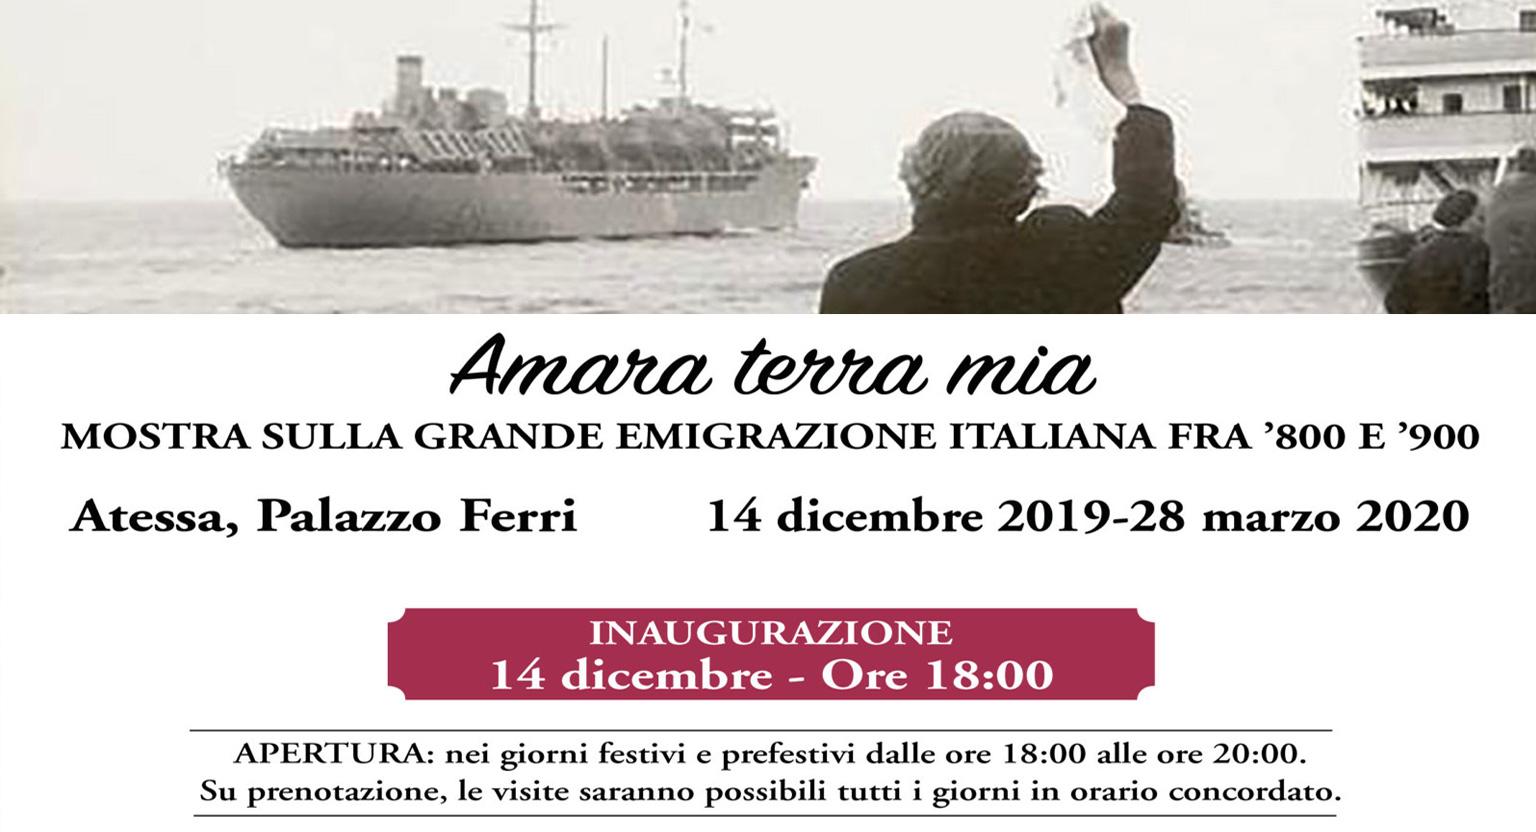 """""""Amara terra mia"""", mostra sulla grande emigrazione italiana fra 800 e 900"""